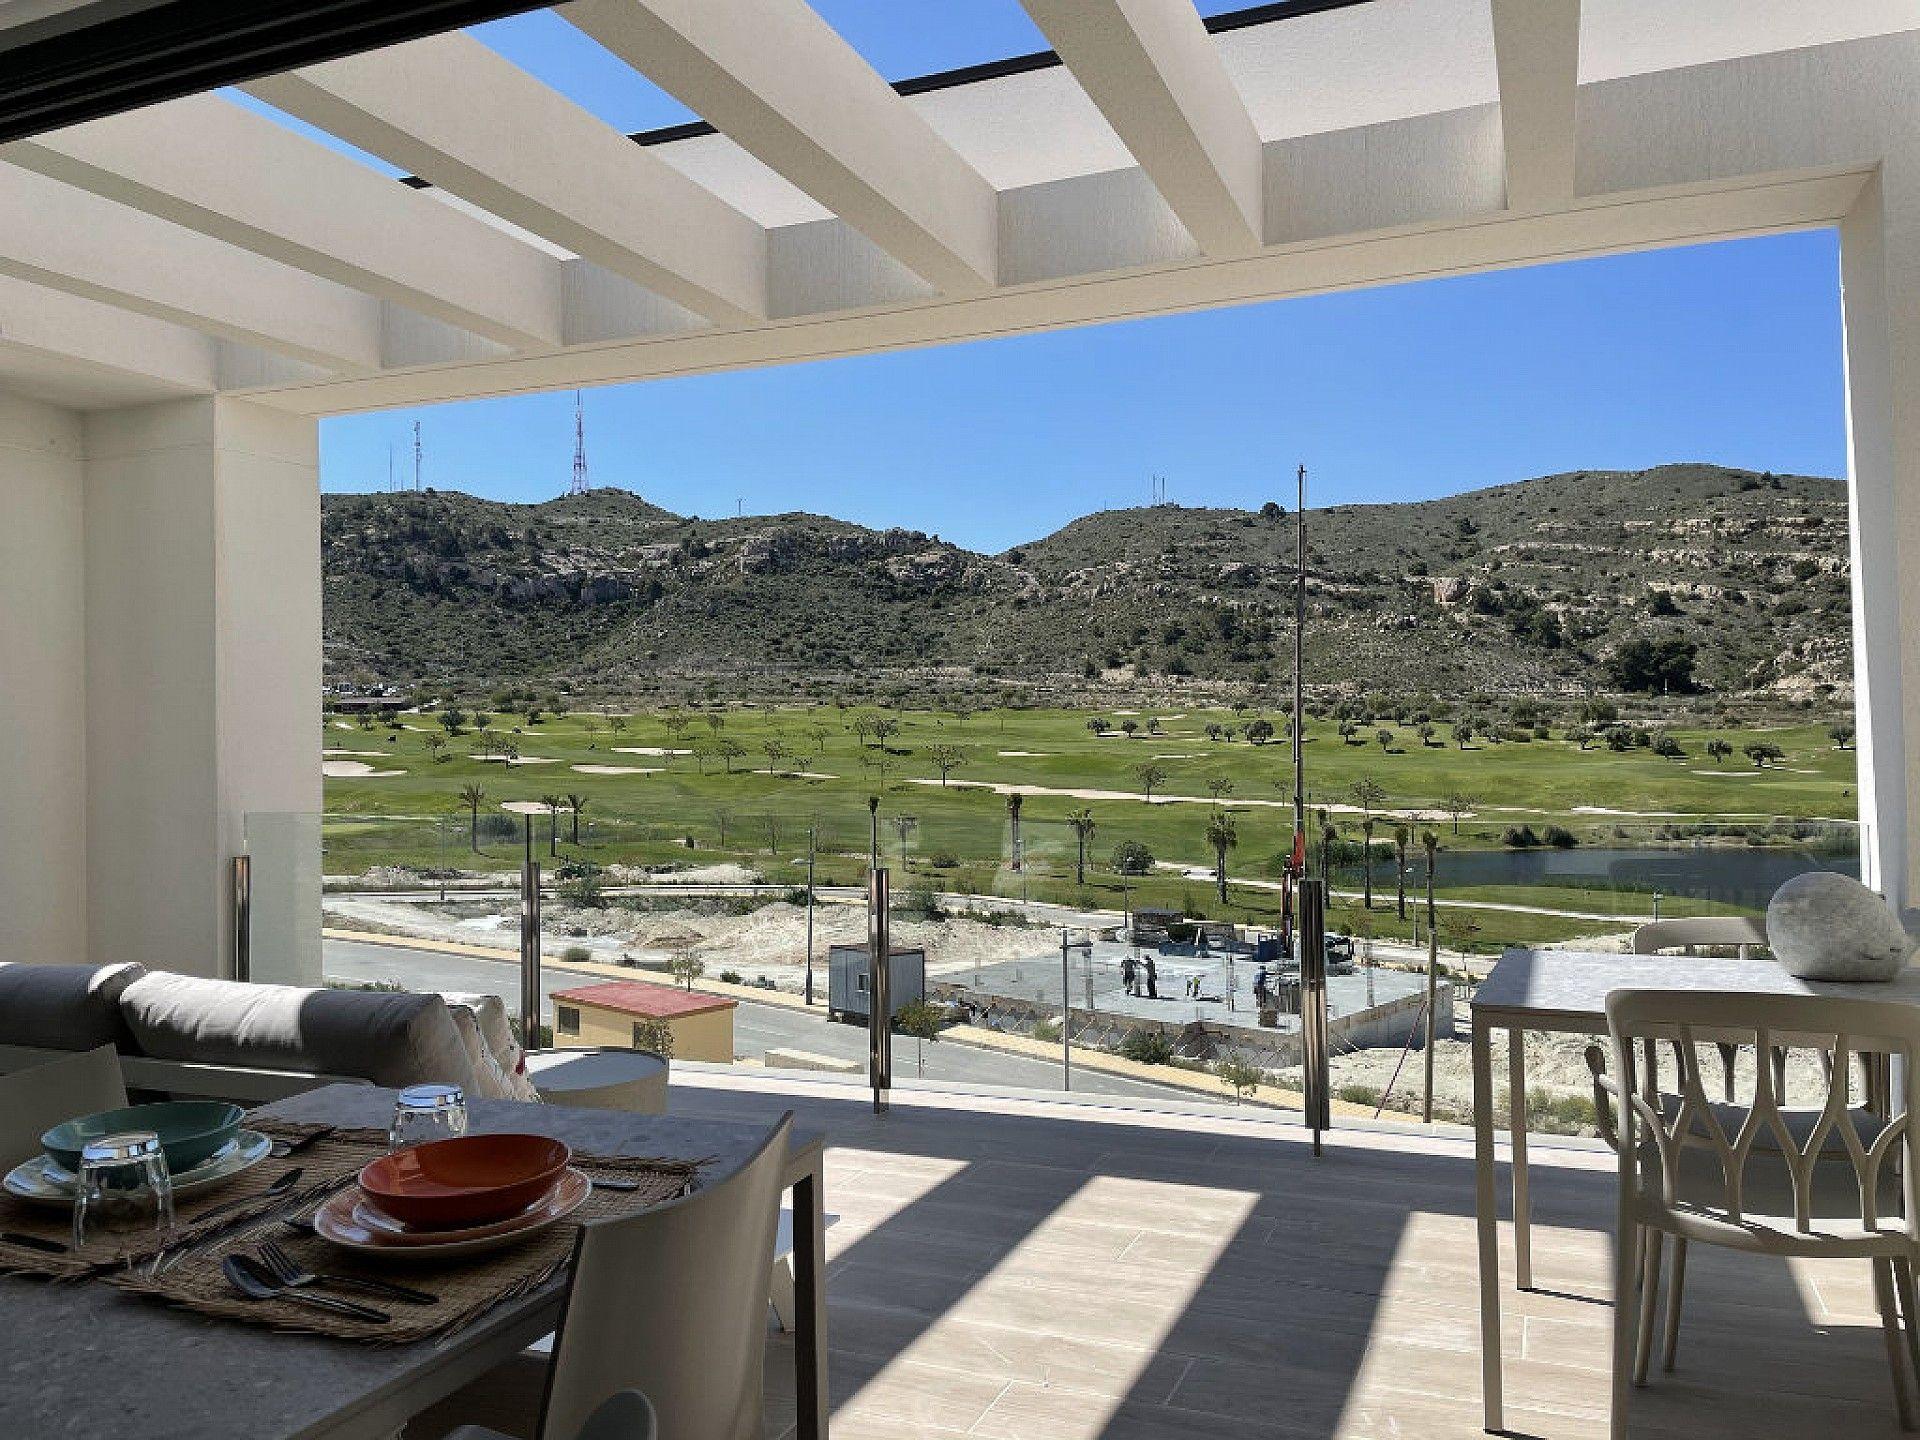 w_nieuwbouw-appartement-te-koop-golf-alicante-montforte-costa-blanca-spanje-golfview-023.jpg